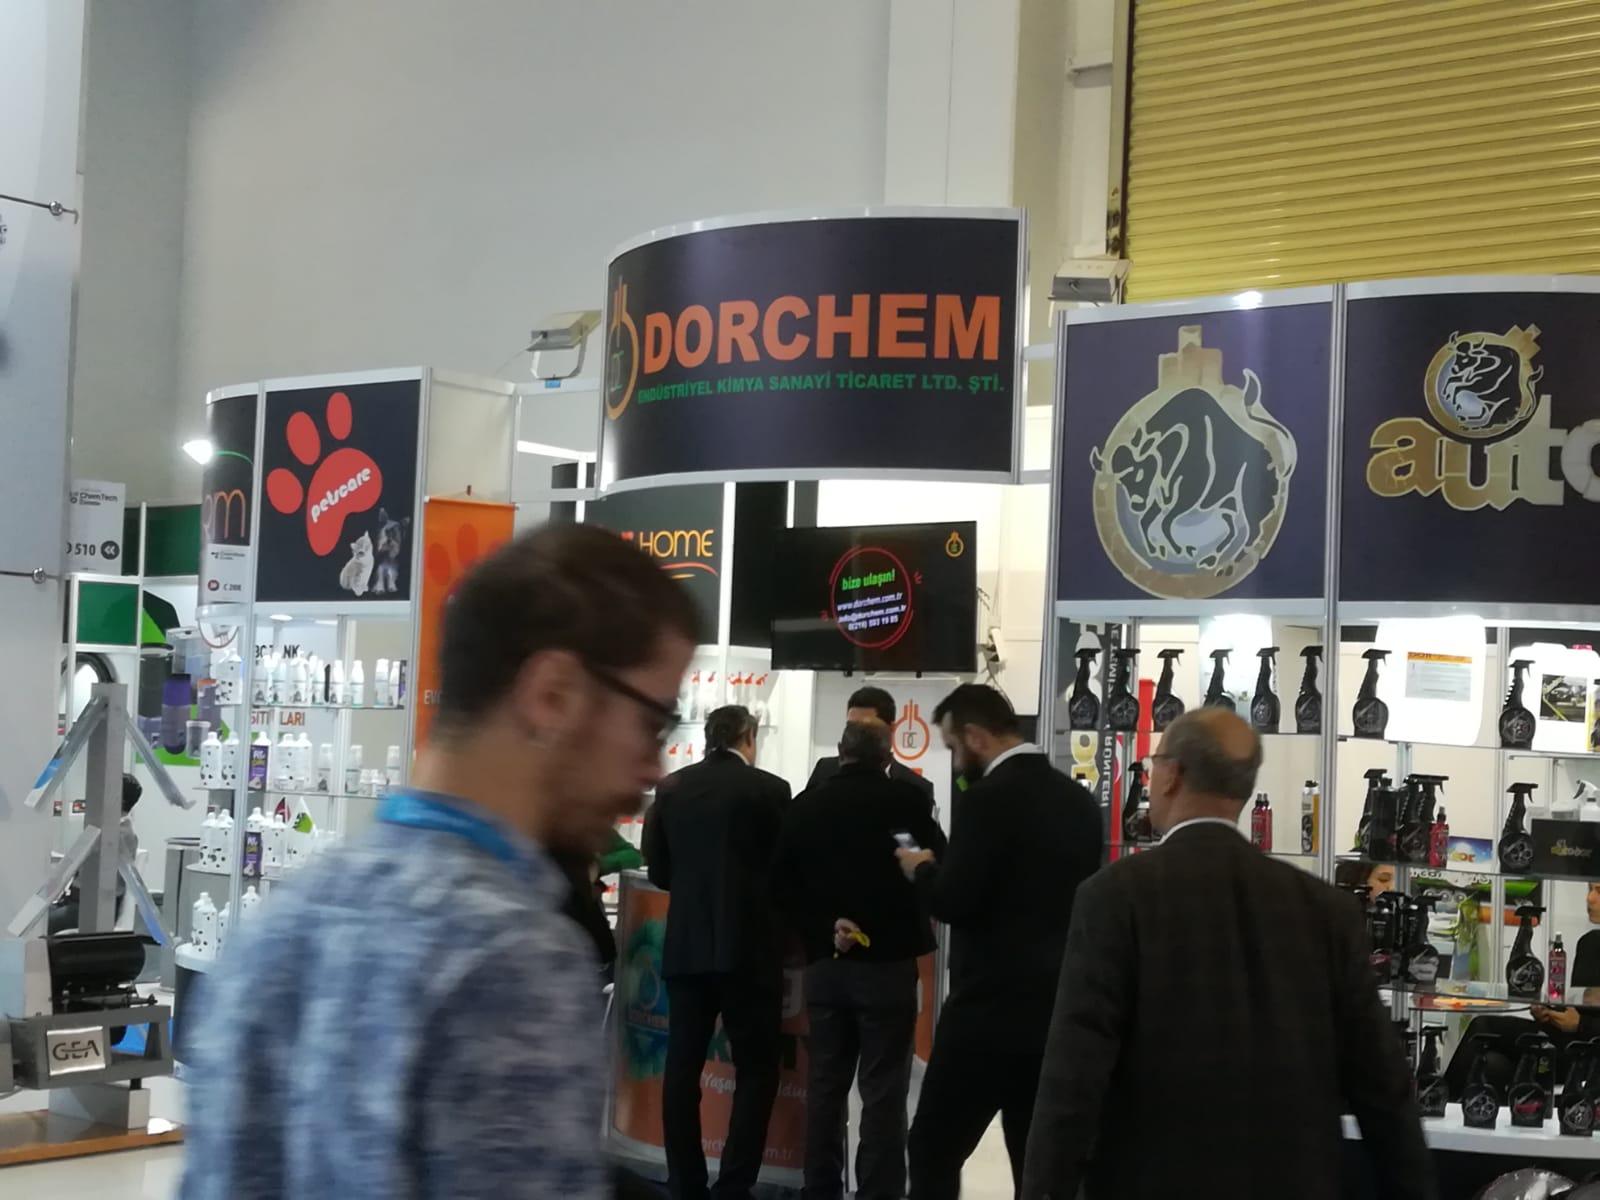 Dorchem - Temizlik Ürünleri Tanıtım Fuar Görüntüleri